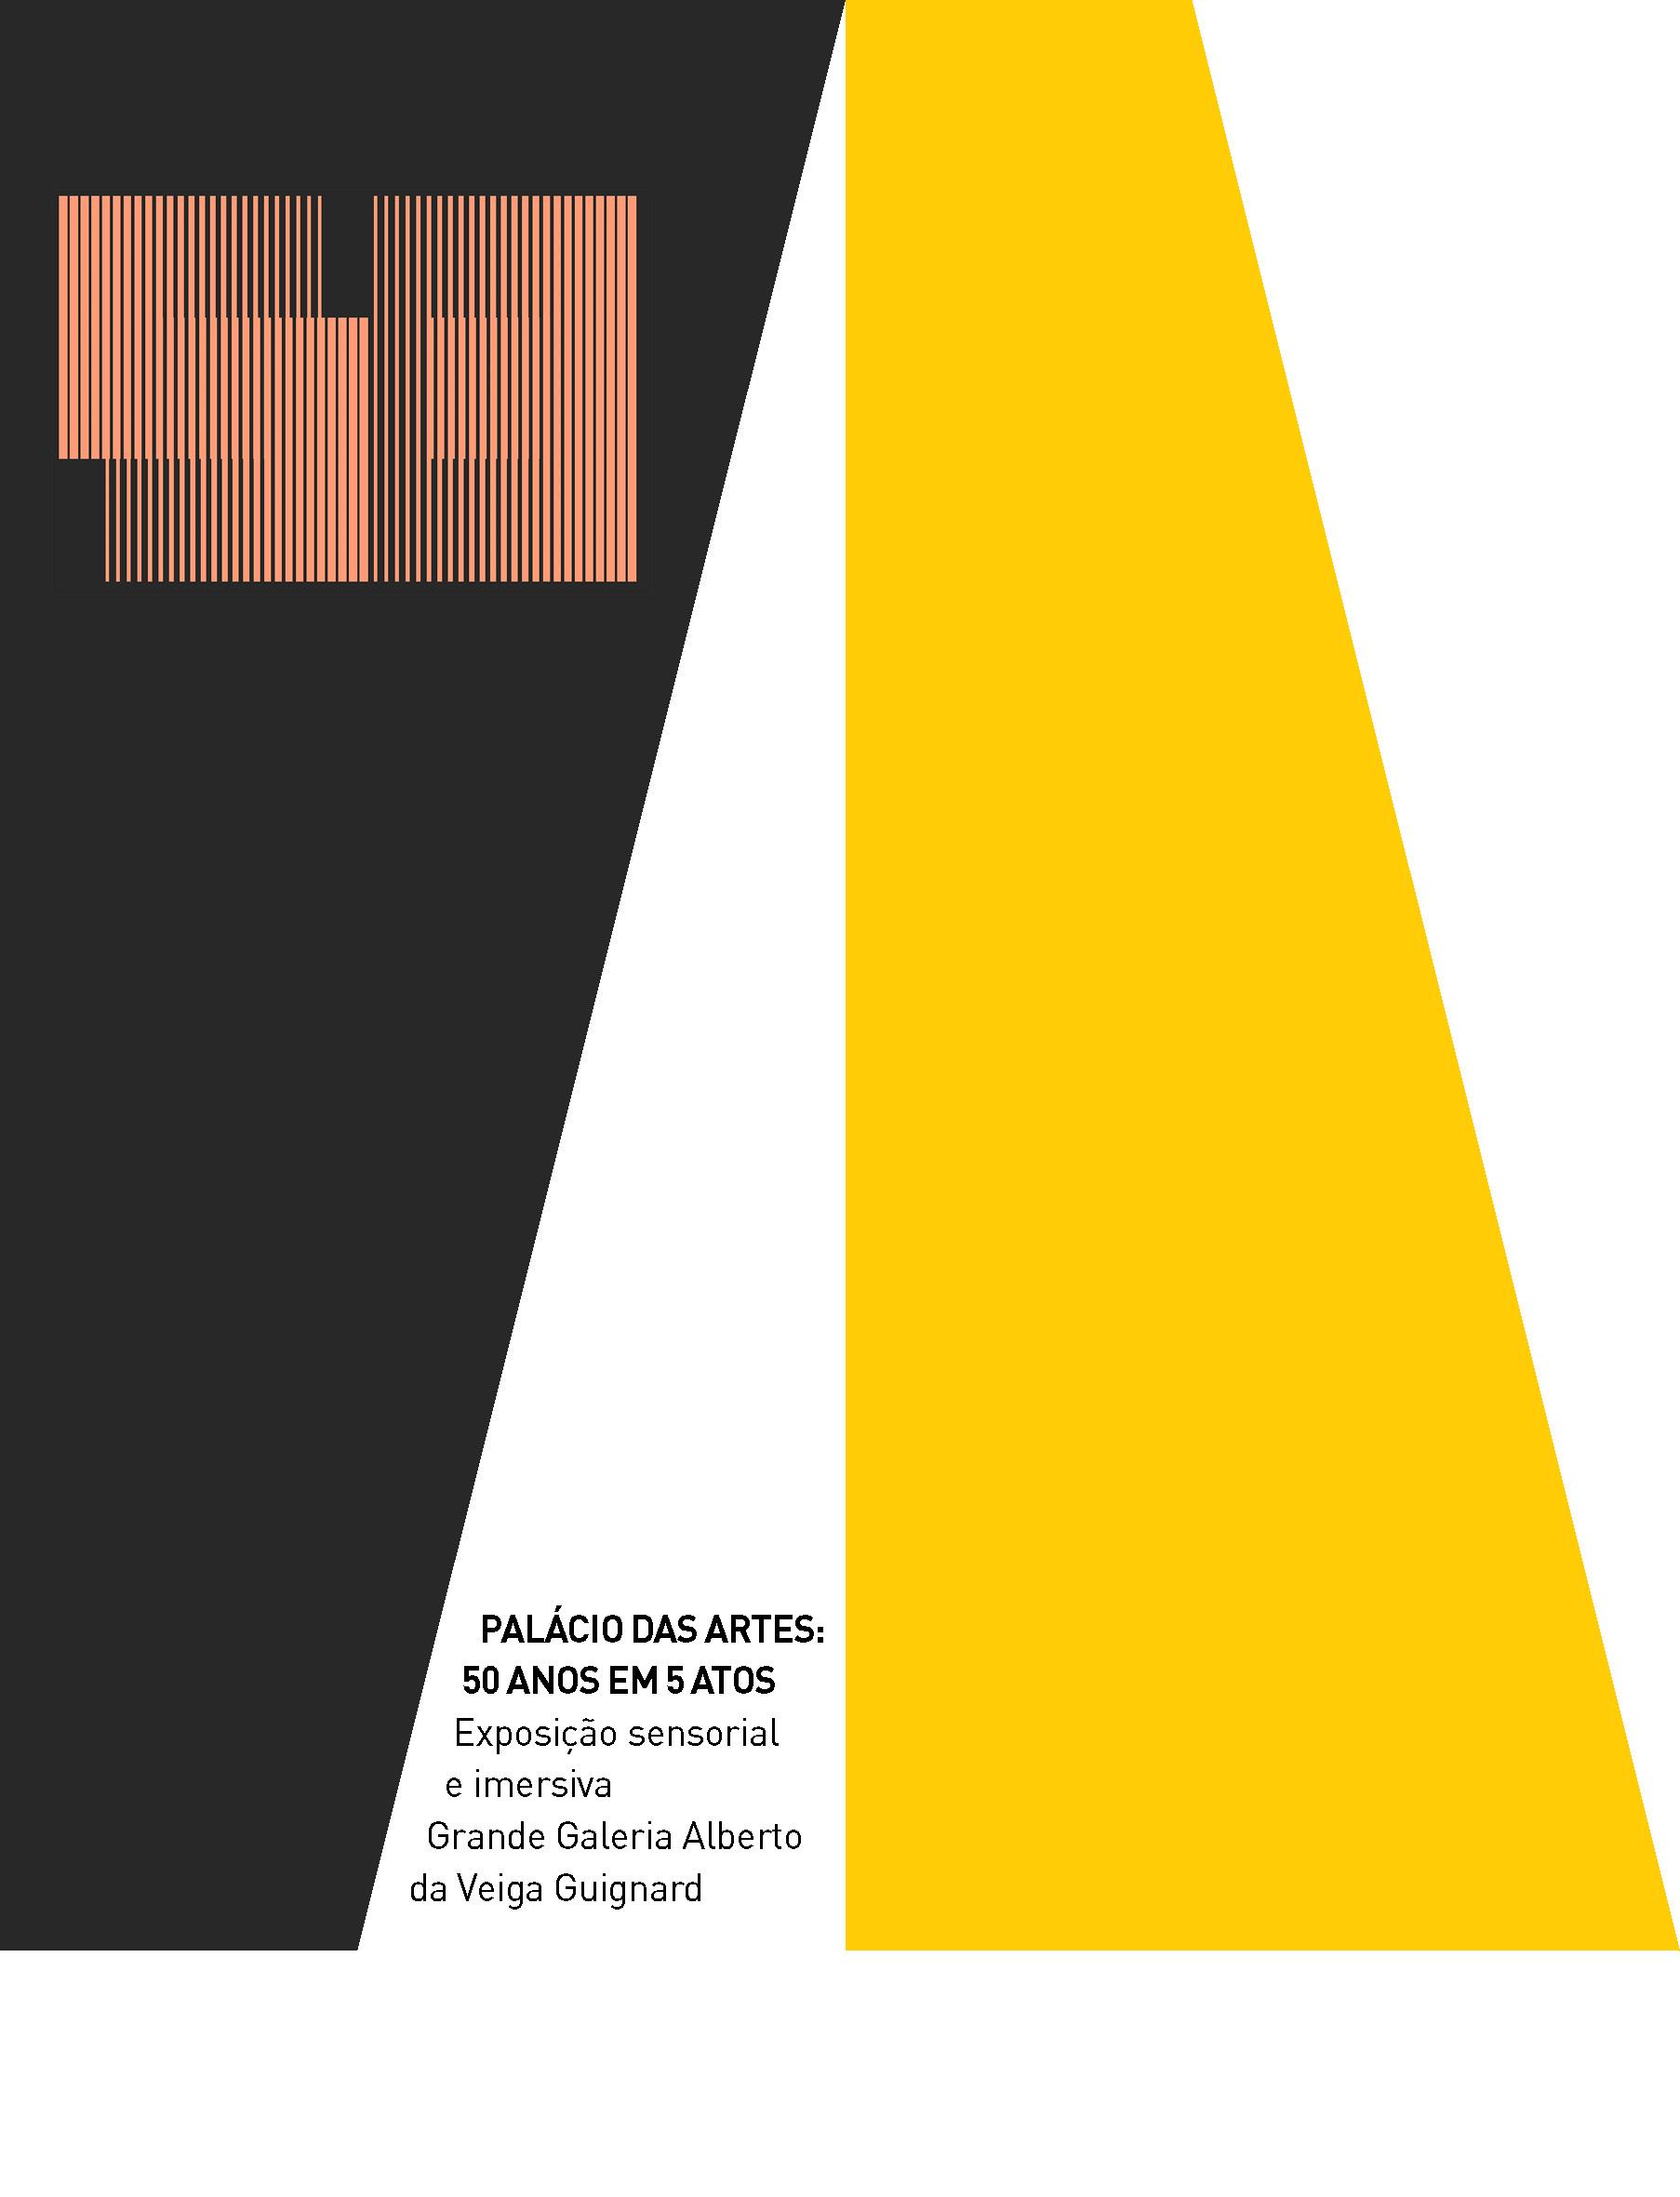 Evento: 50 ANOS EM 5 ATOS: exposição sensorial e imersiva celebra cinquentenário do Palácio das Artes